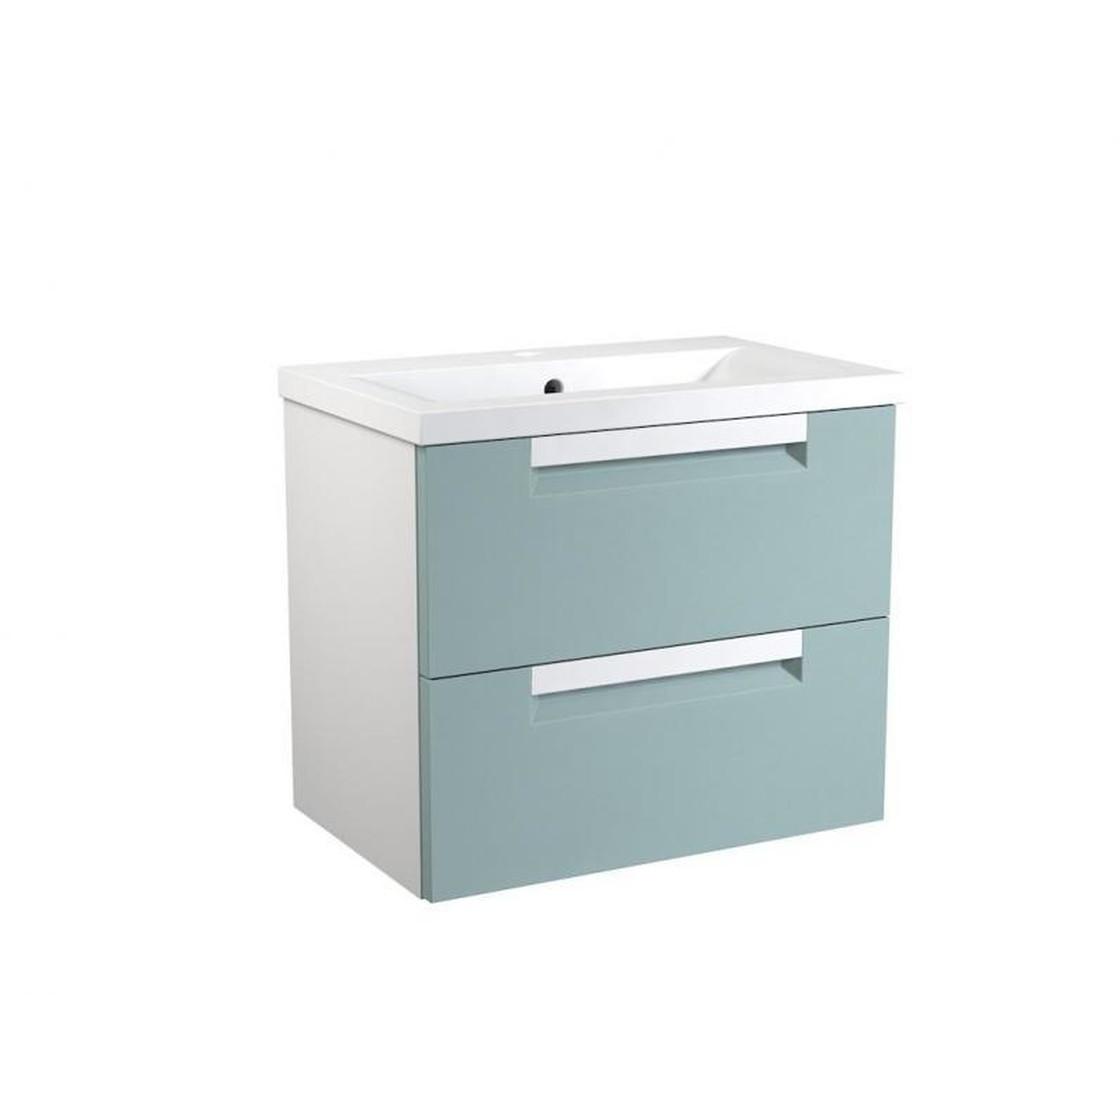 VidaMar Milano Waschtischunterschrank mit 2 Schubladen, Waschtisch,  weiß/aquamarin, 60 cm